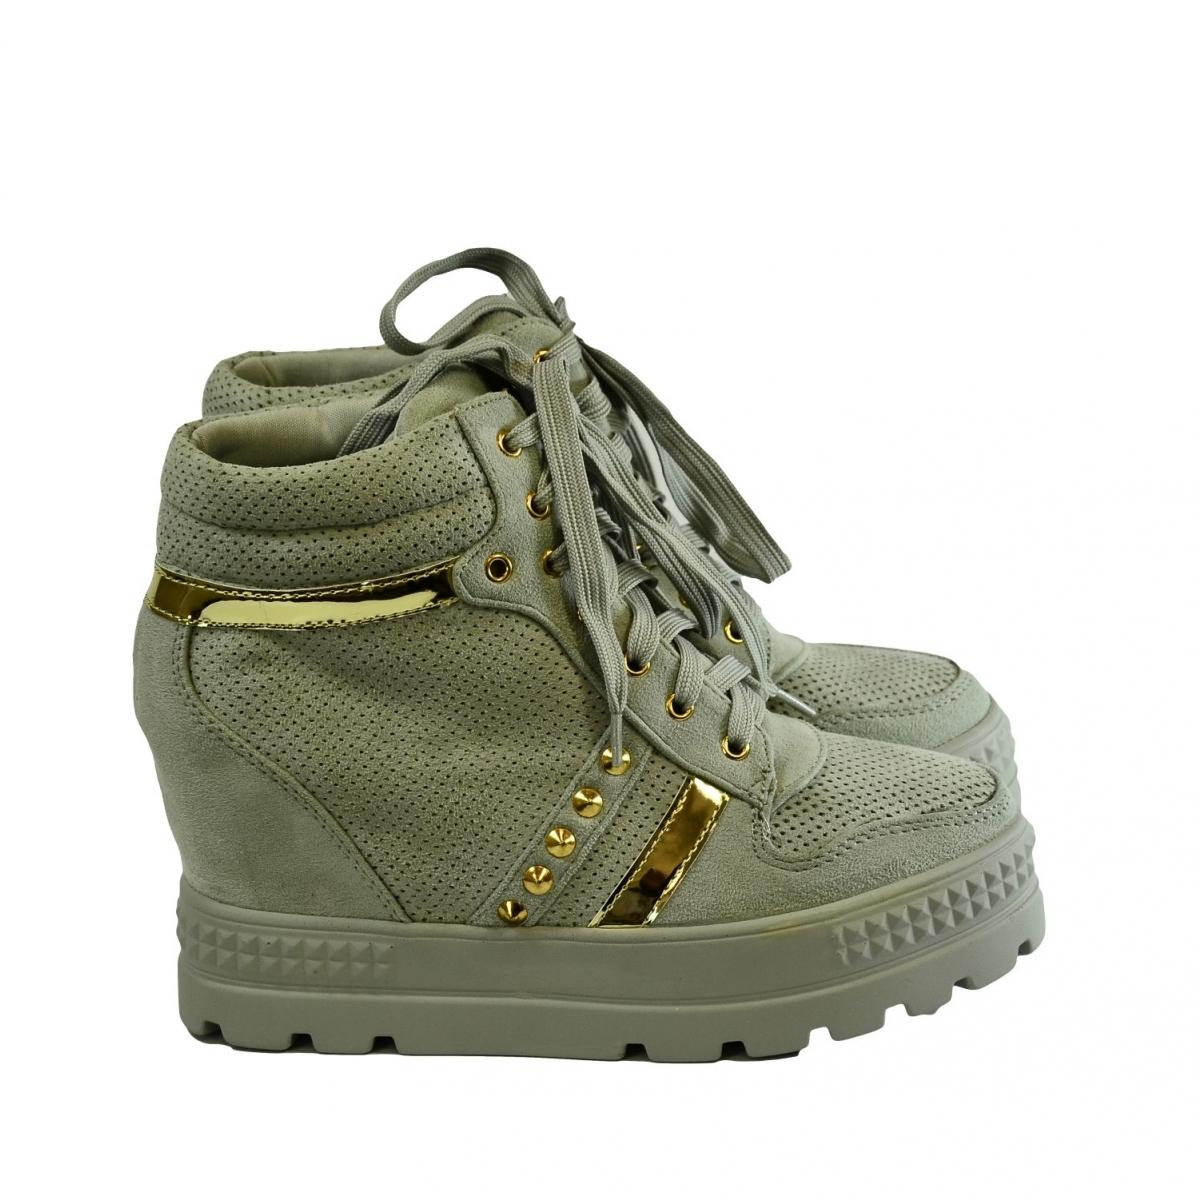 d4b8fff4a0 Dámske sivé topánky VIANA - 2